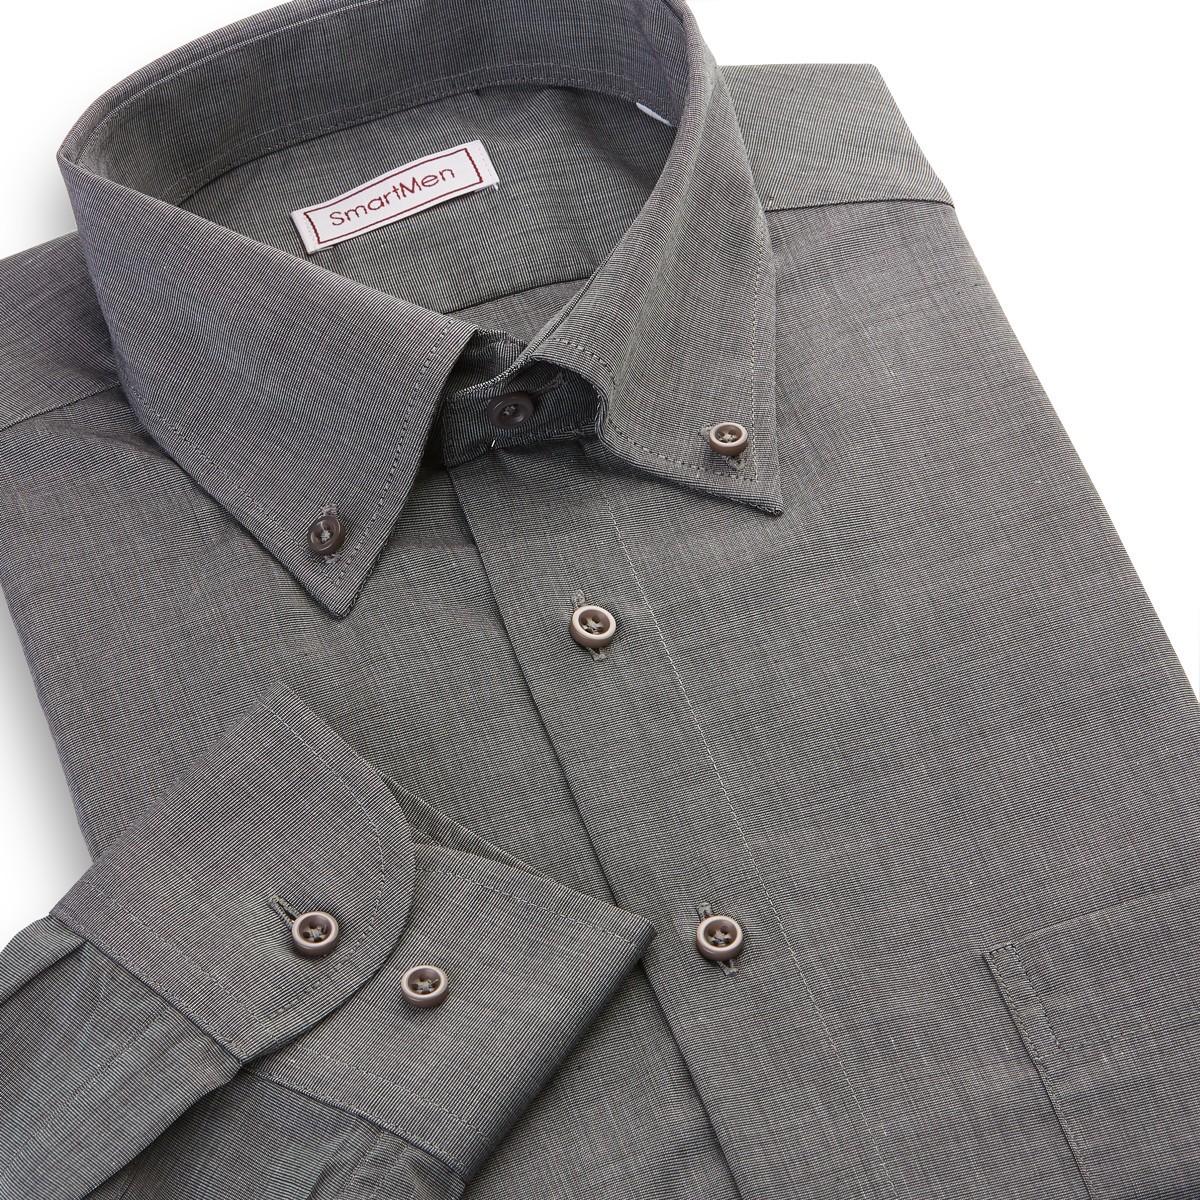 51484819c4a6 Pánska košeľa tmavo sivý melír dlhý rukáv Button-down